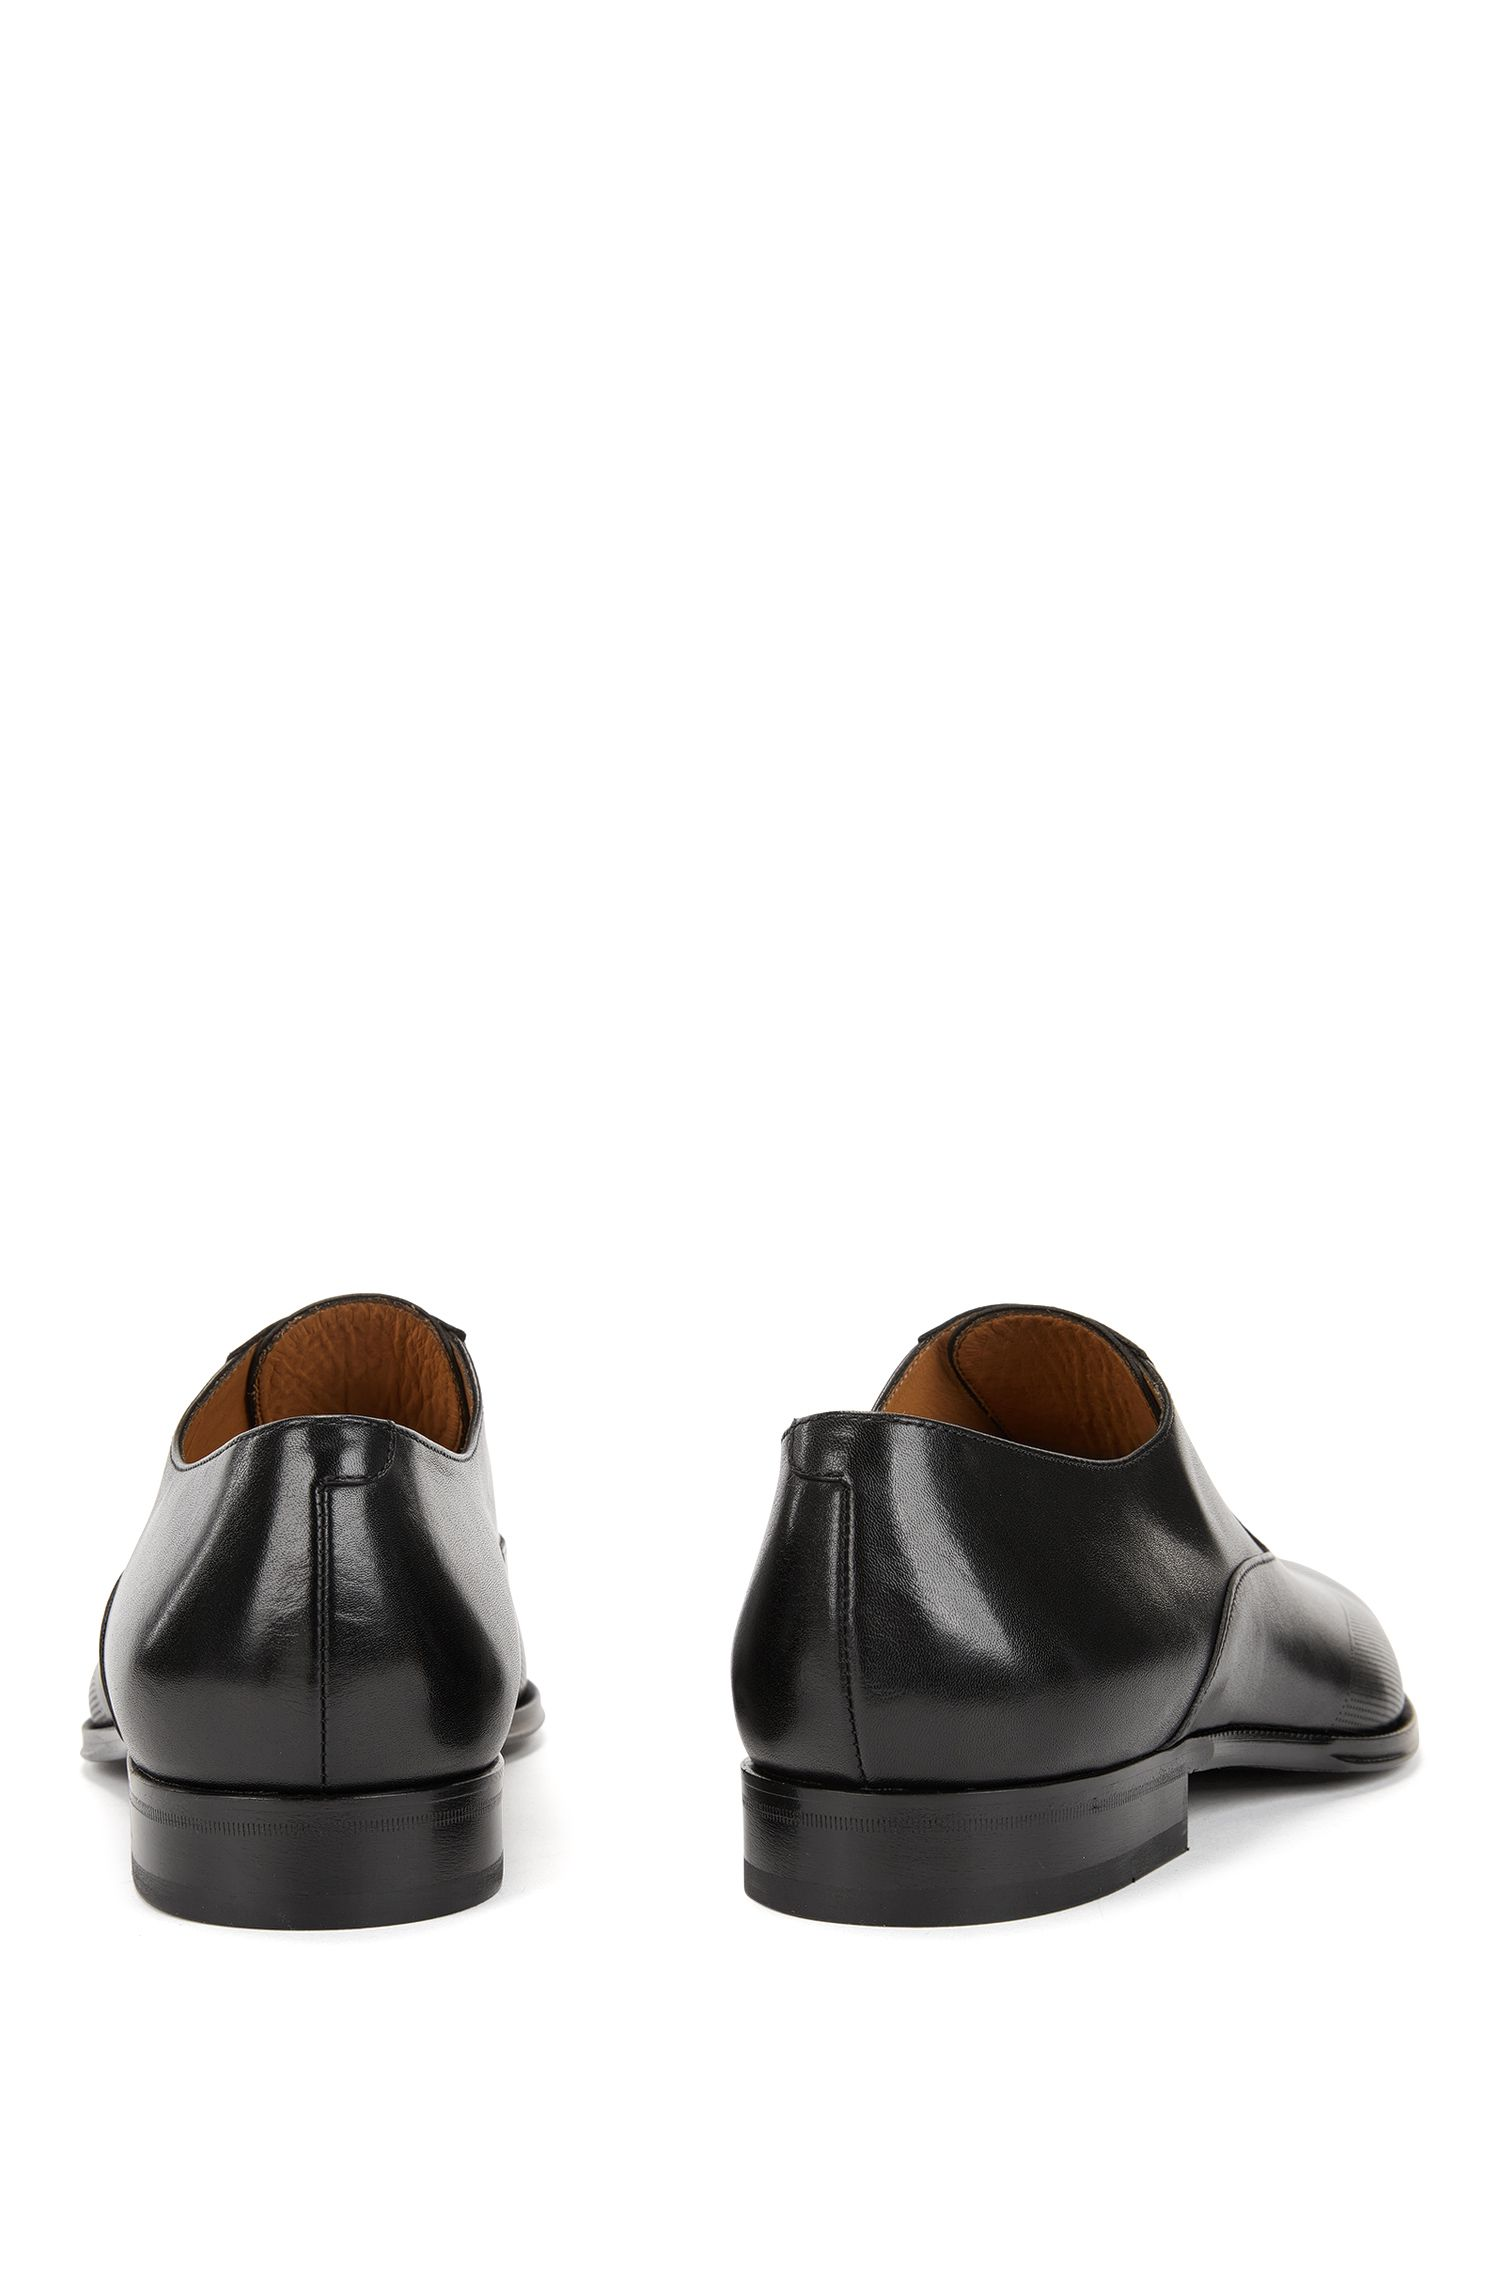 In Italië vervaardigde Oxfordschoenen van gepolijst kalfsleer